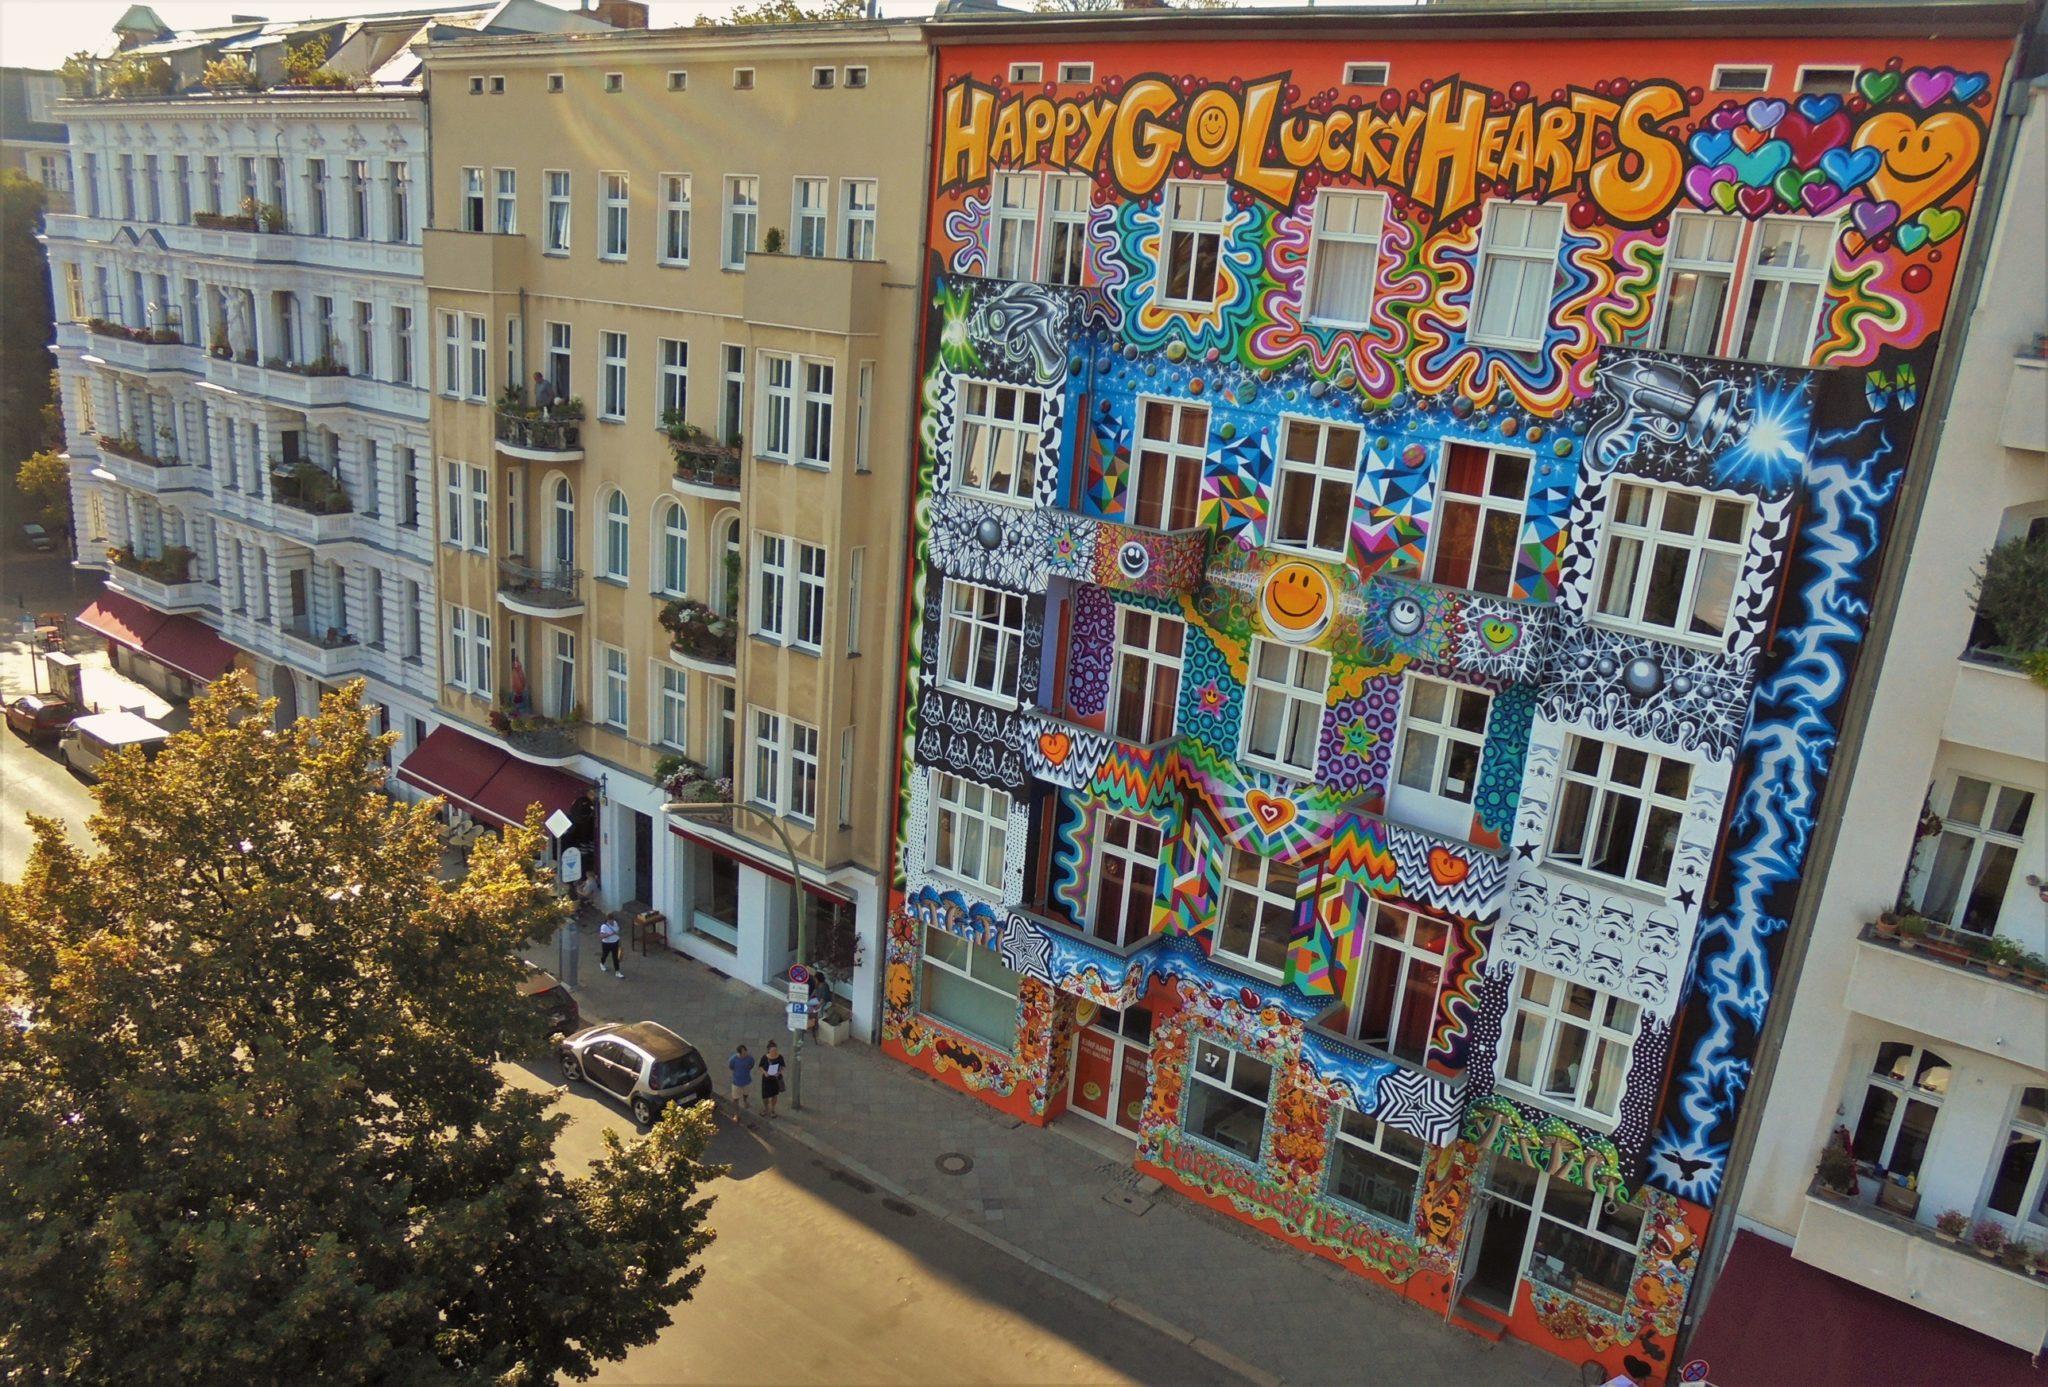 Happygolucky Hotel Berlin